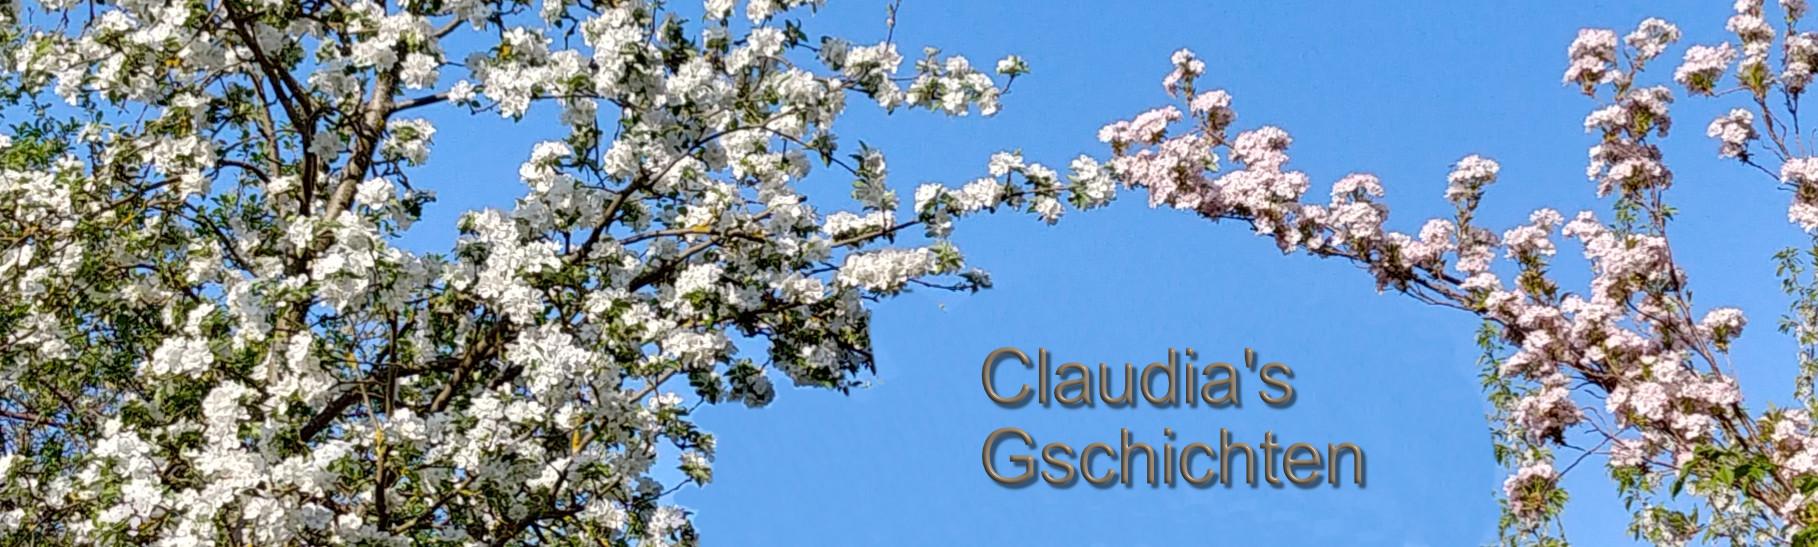 Logo Claudia's Gschichten